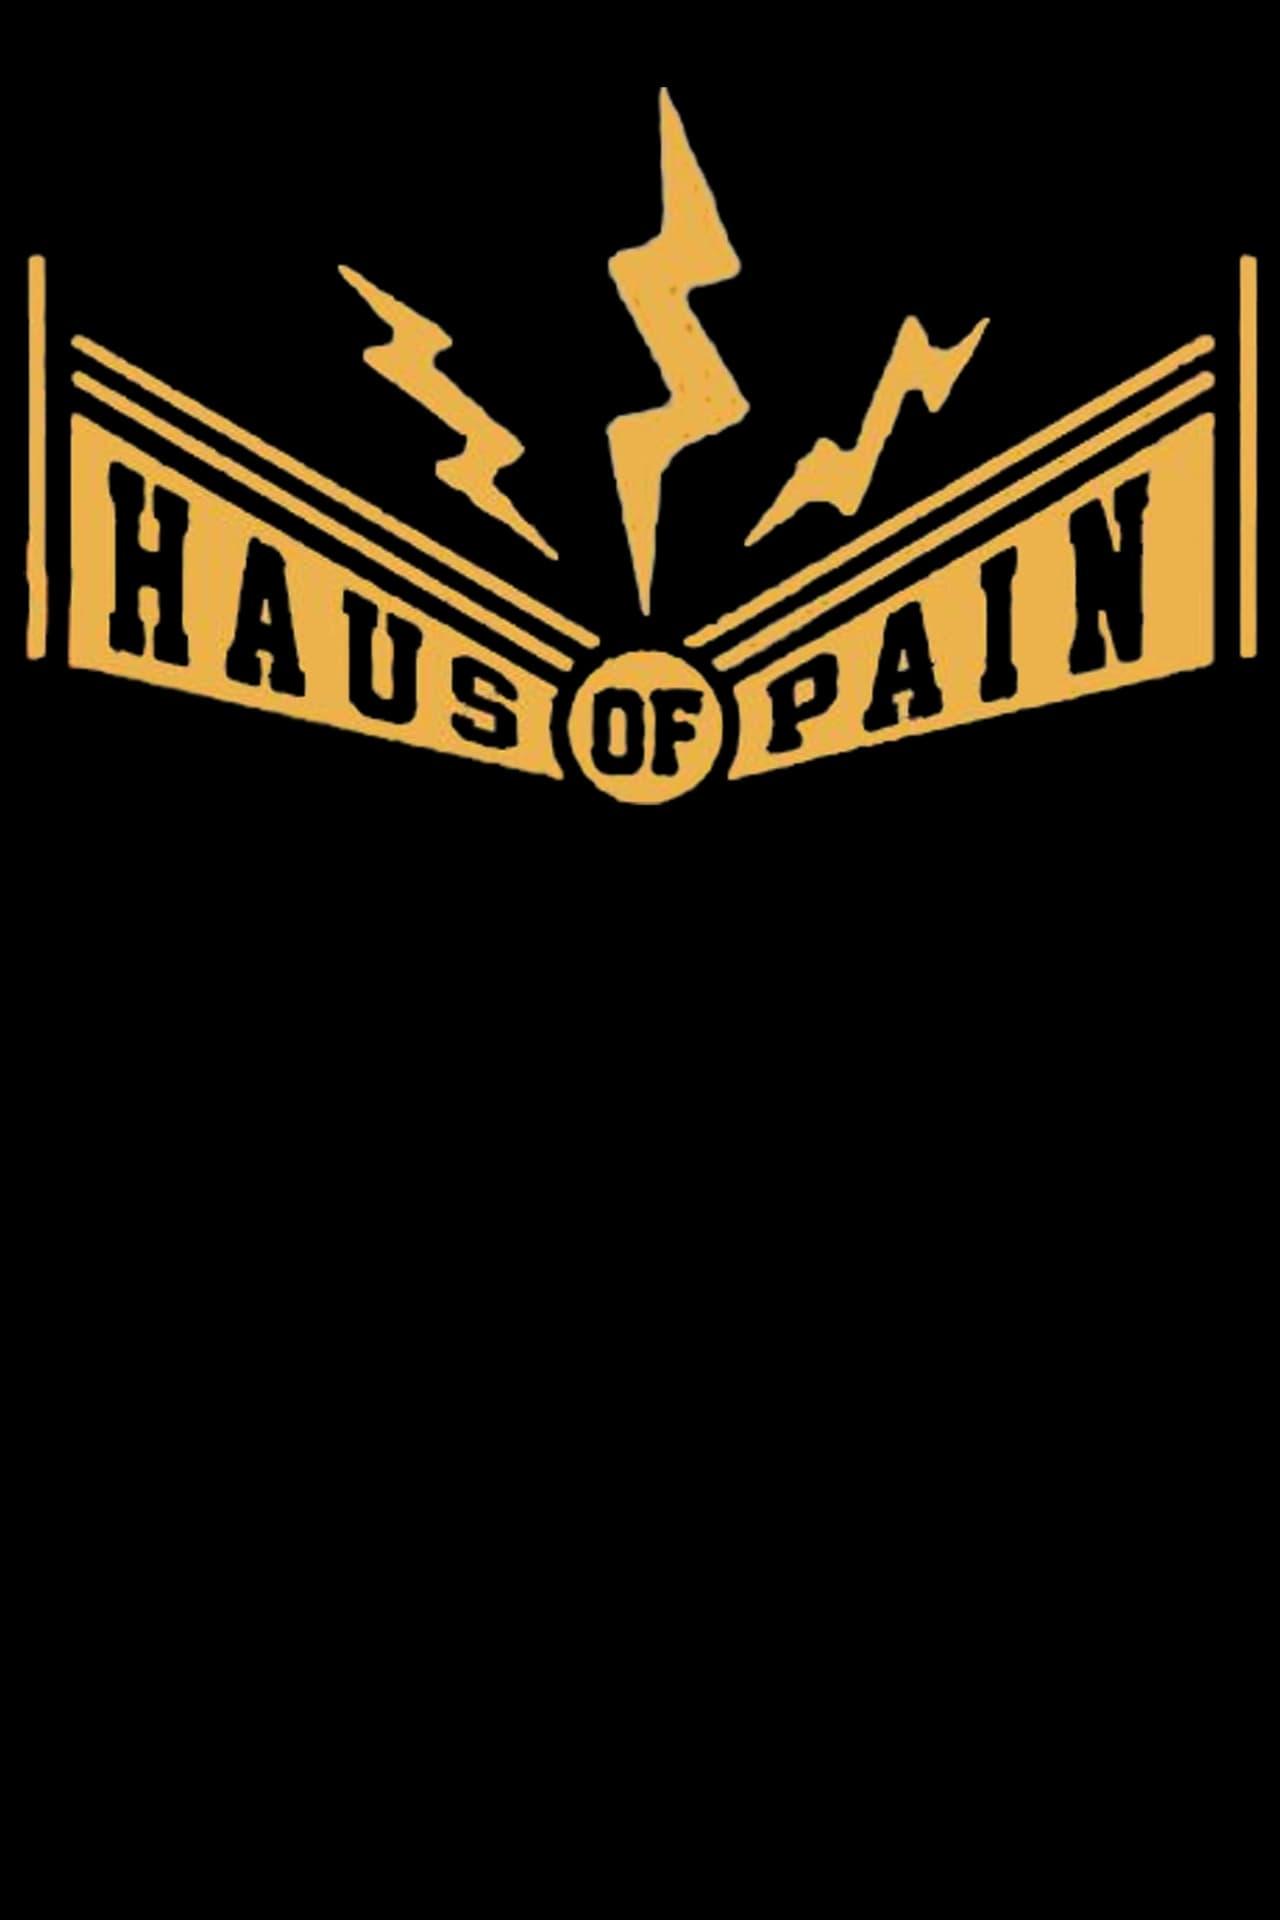 Haus of Pain